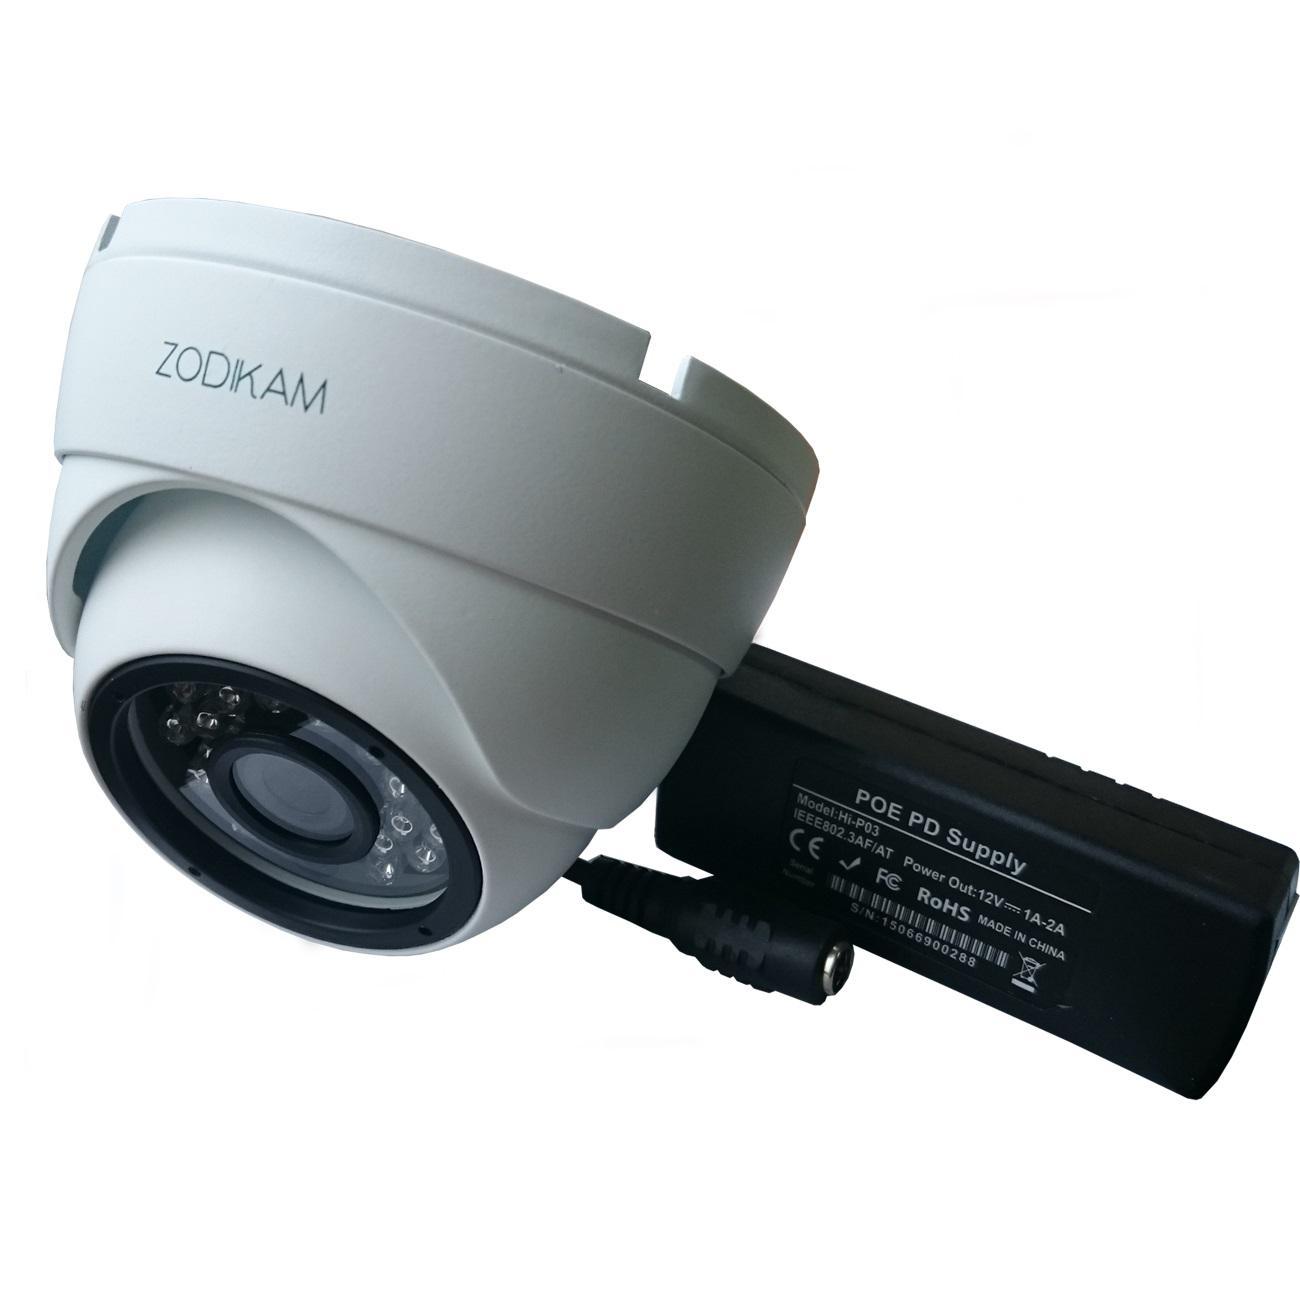 Фото - Камера видеонаблюдения Zodikam 3202-p 2.8 камера видеонаблюдения zodikam 205